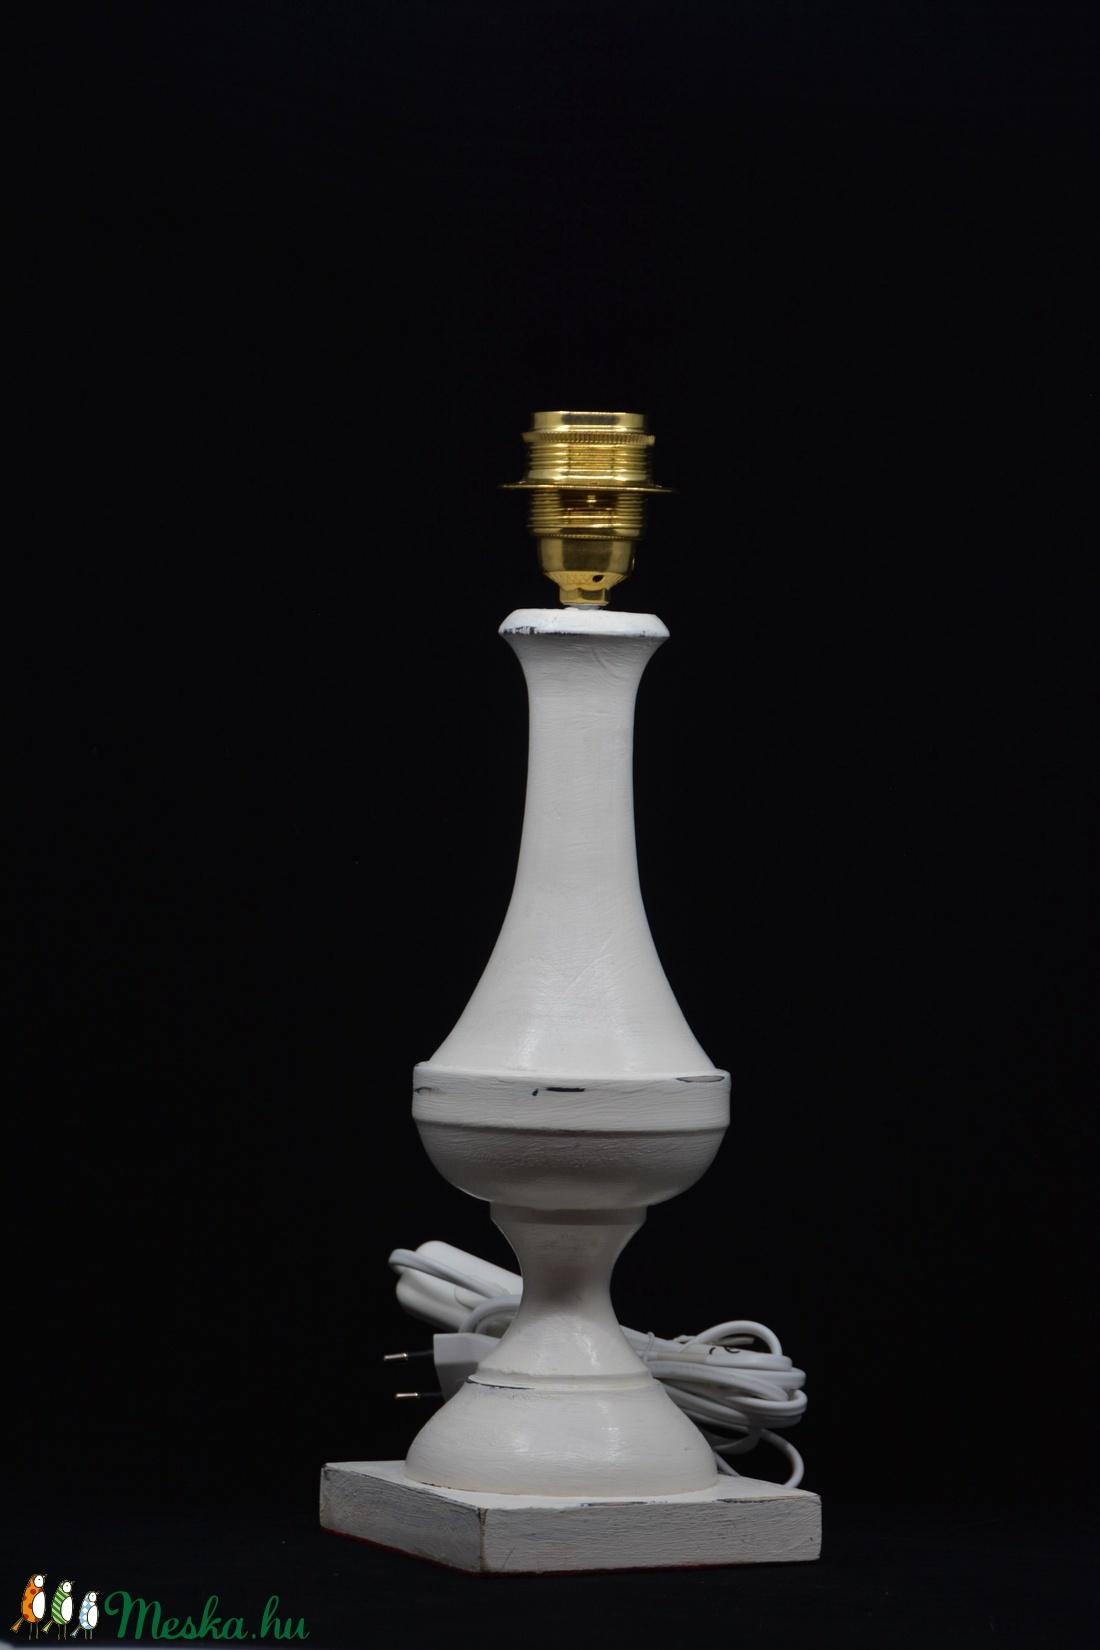 antikolt vintage lámpa (1) (lamps) - Meska.hu